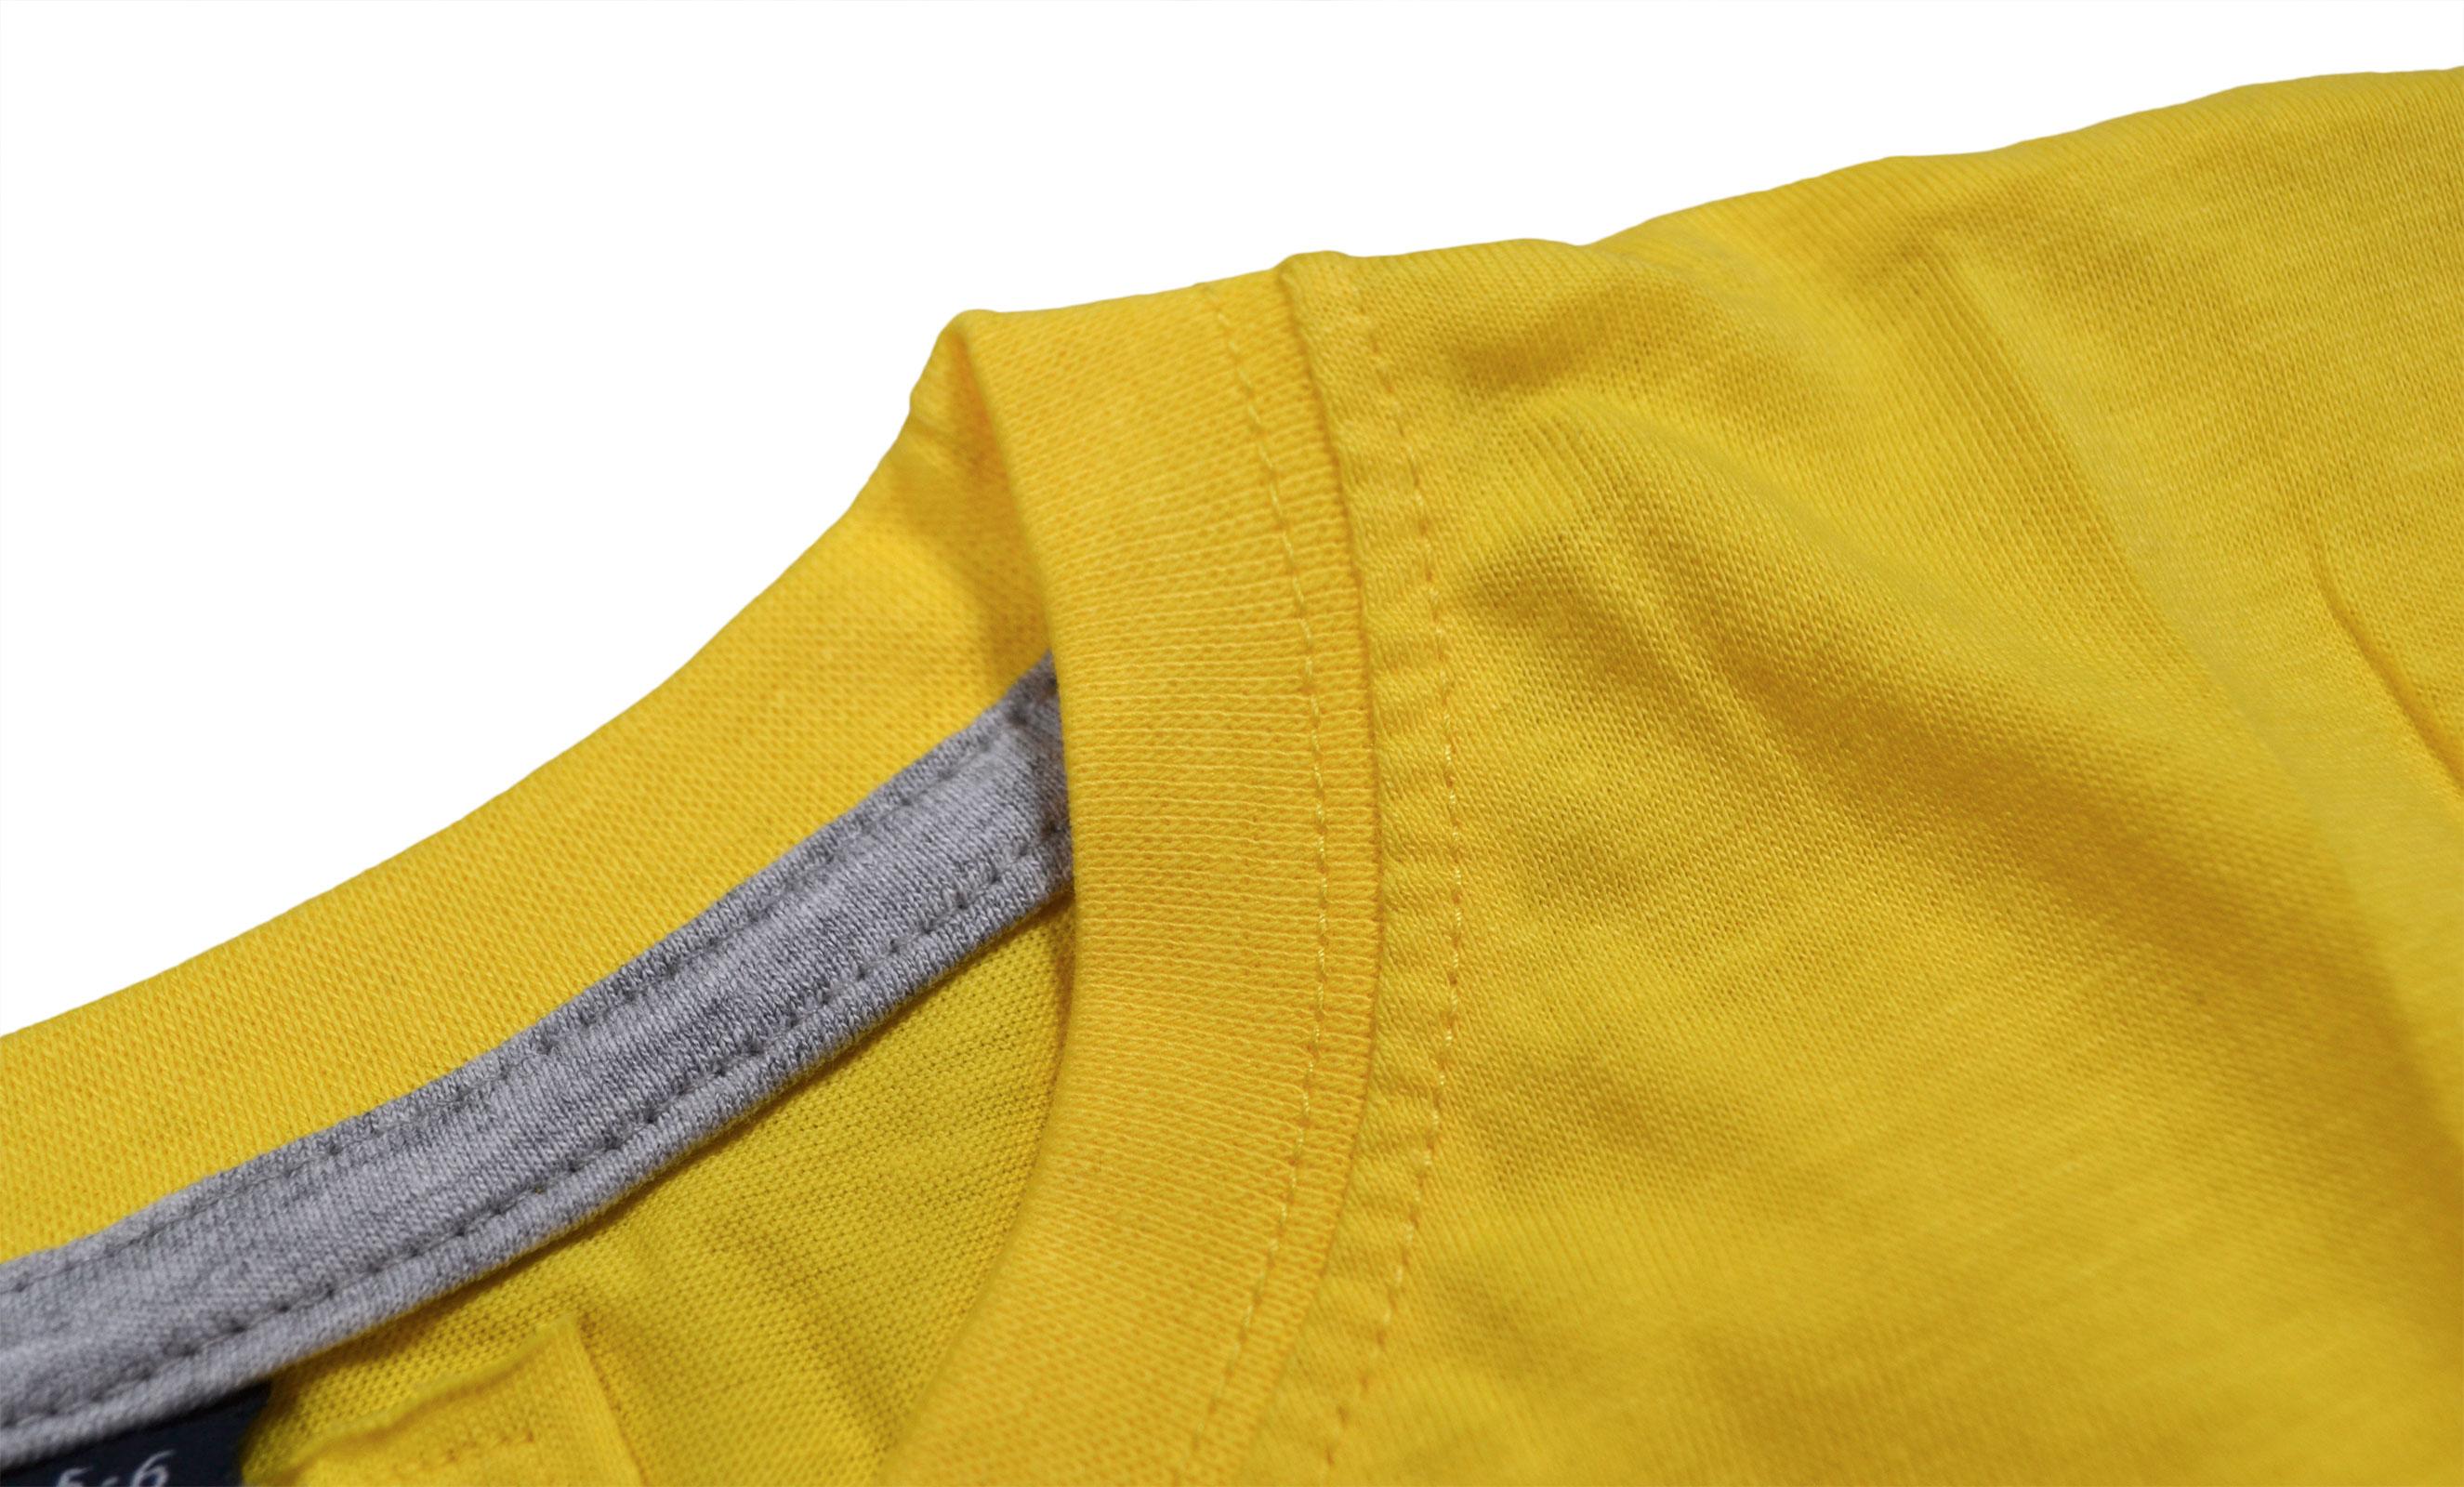 Garcons-Neuf-en-coton-T-shirt-a-encolure-ras-du-cou-d-039-ete-Enfant-Top-2-3-4-5-6-7-8-9-10-11-12-13 miniature 21